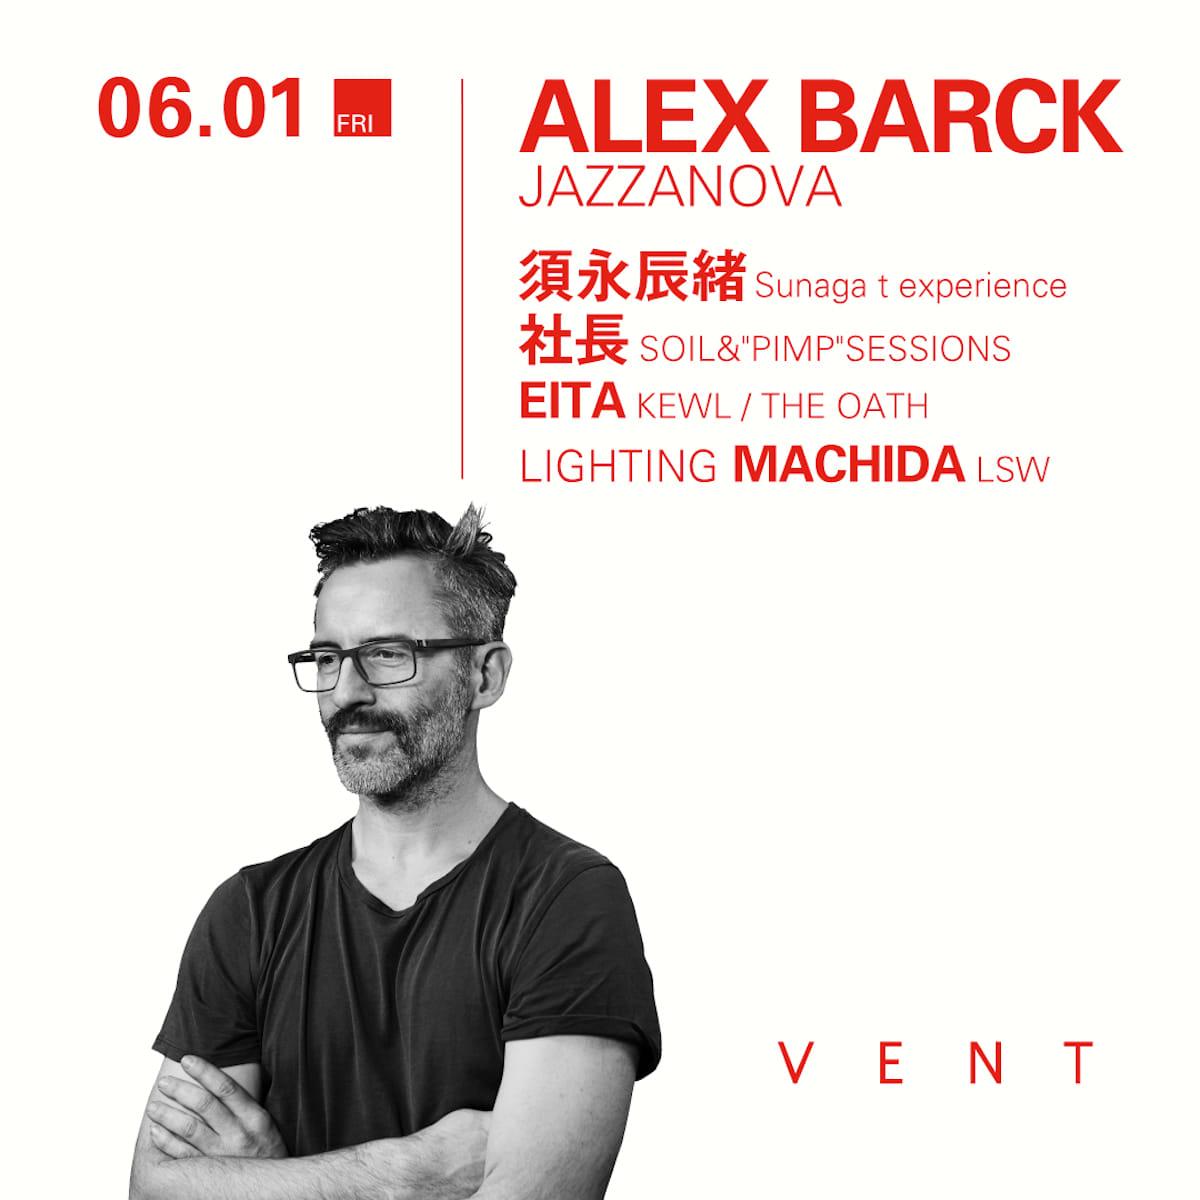 「深く、誠実に、そして尽きることのない音楽への愛情」を体現するJazzanovaのAlex Barckが6月に来日 music180524-alex-barck-3-1200x1200